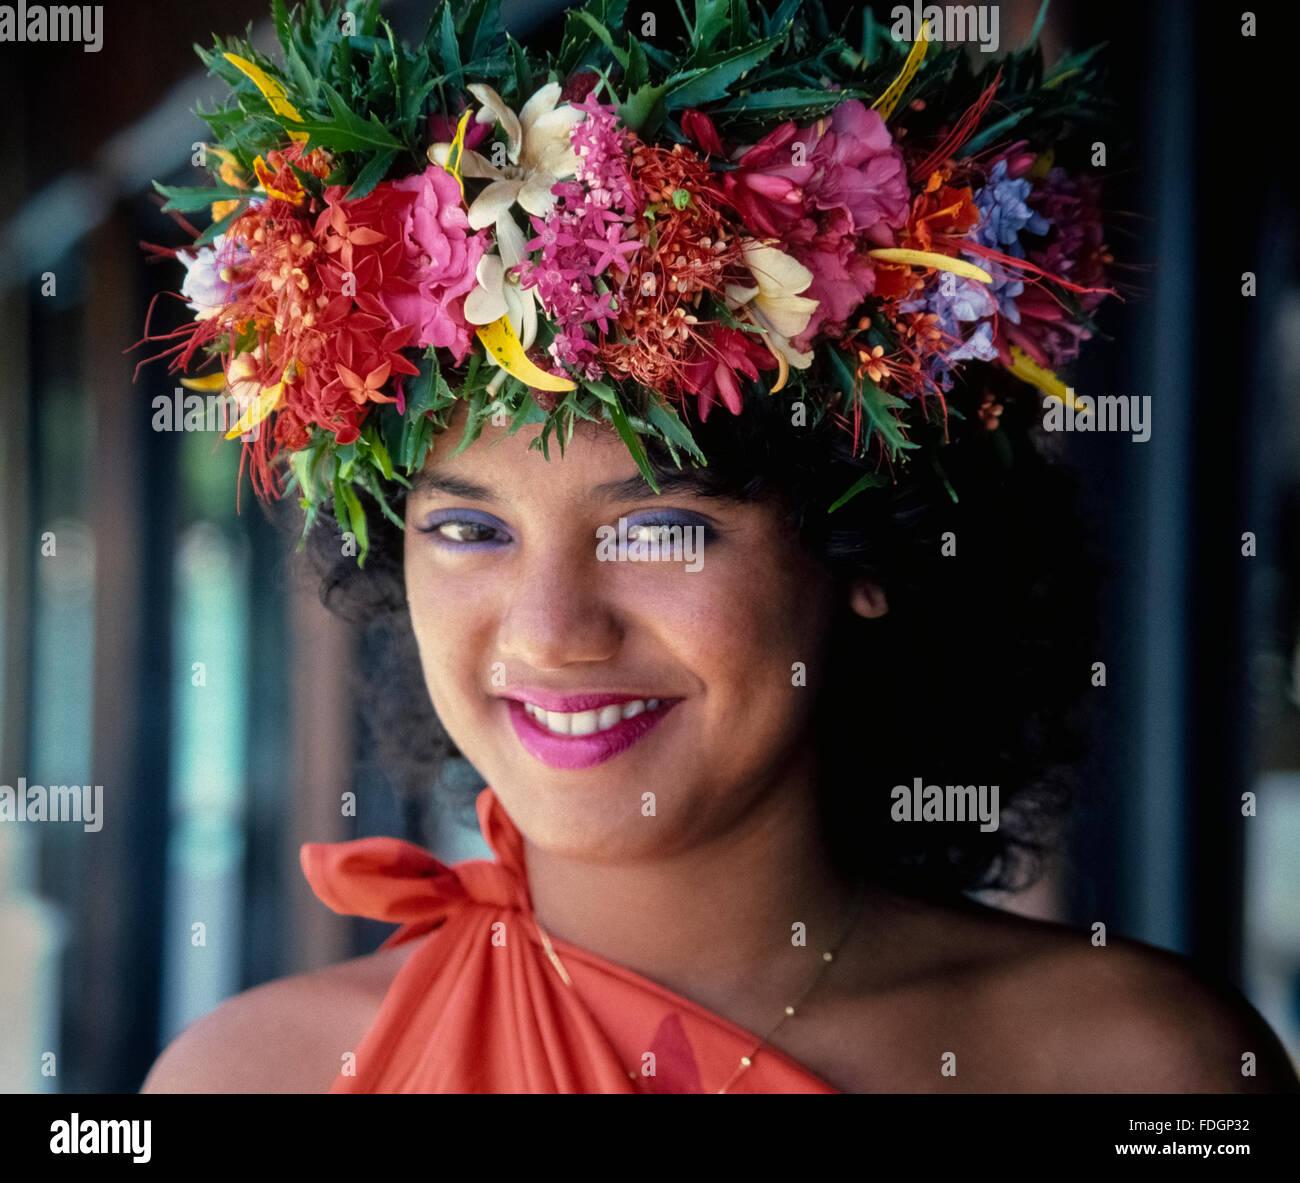 Une Couronne De Fleurs De Tahiti Traditionnel Ajoute A La Beaute De